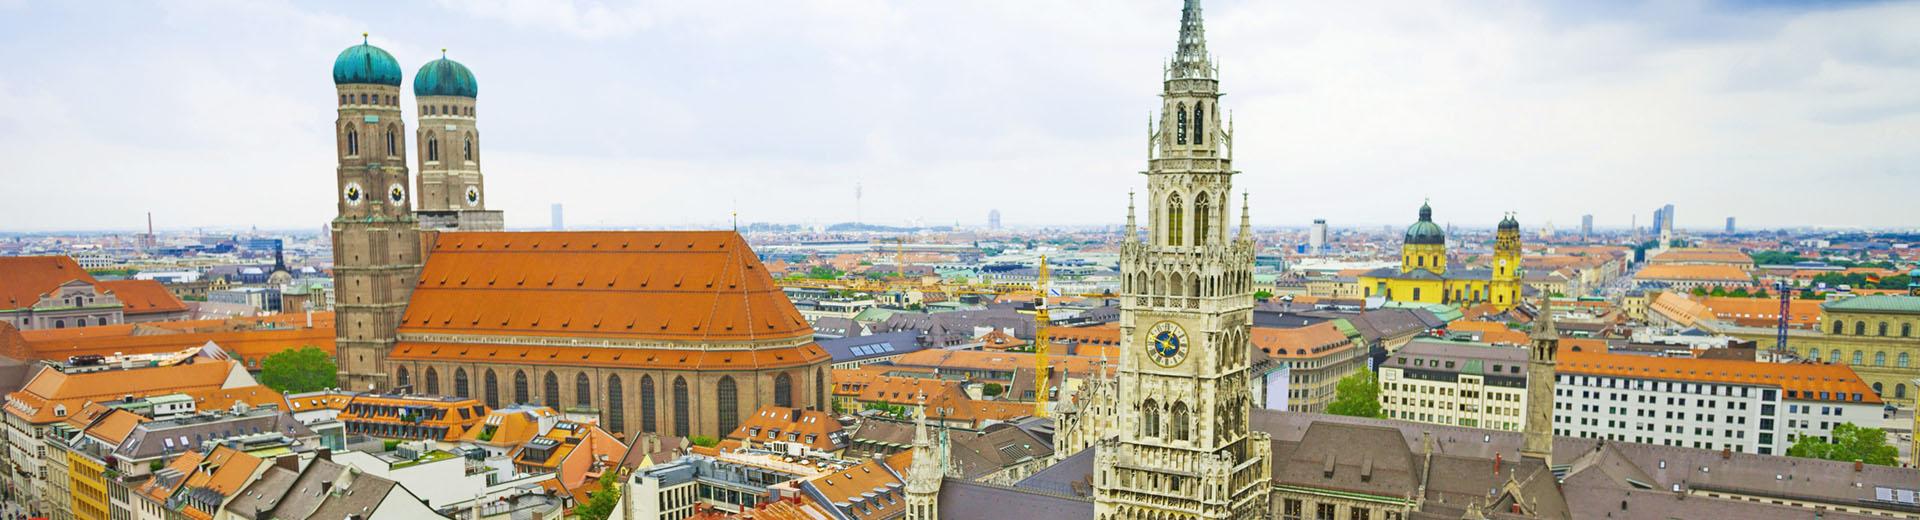 Voyage en groupe Munich - offre classique train